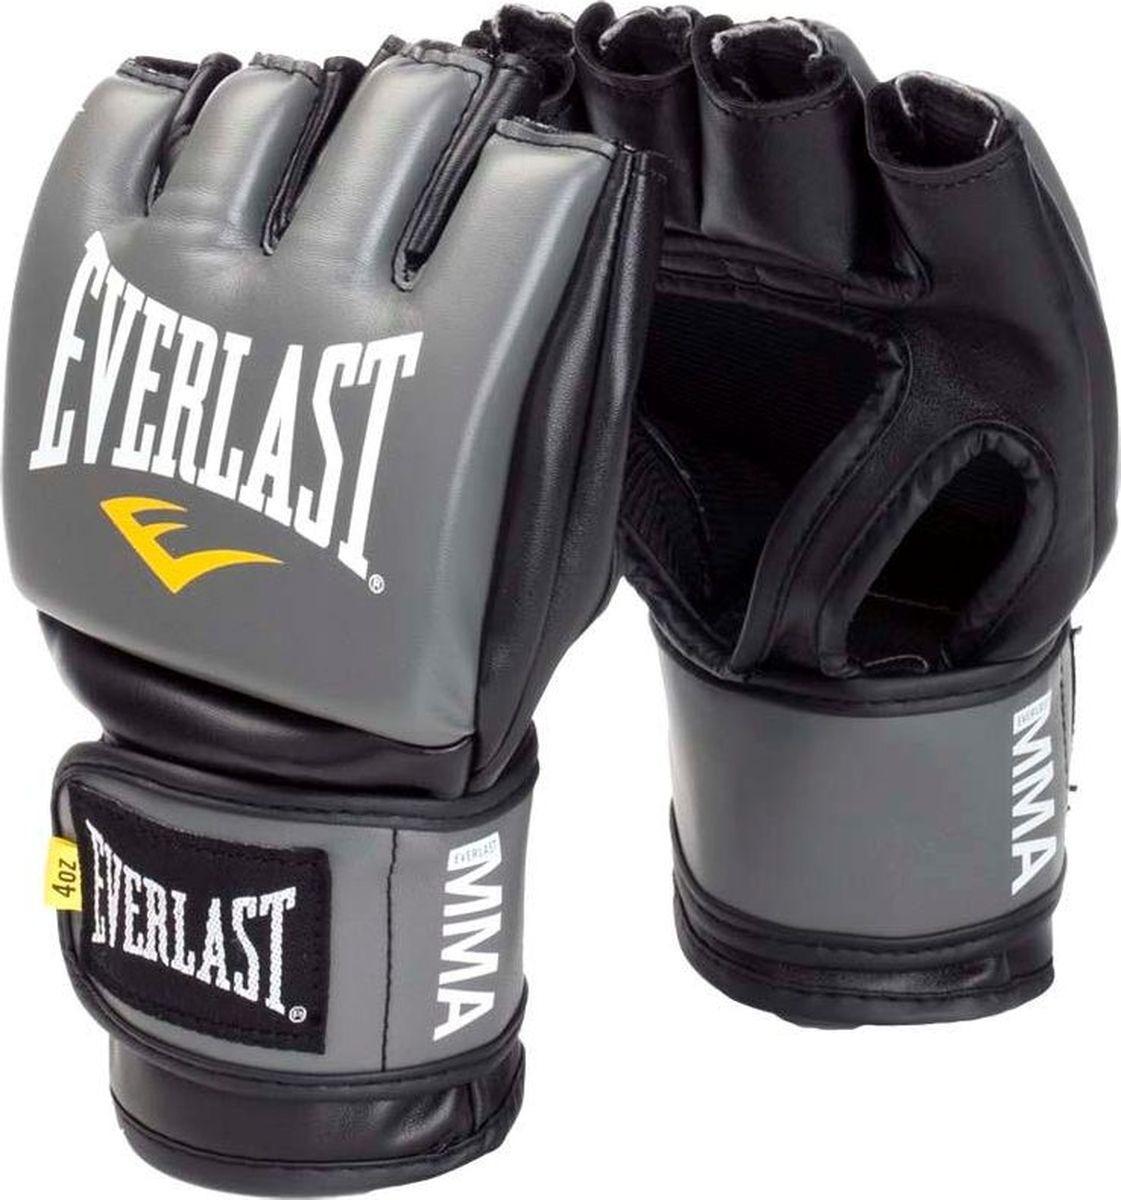 Перчатки для единоборств Everlast Pro Style Grappling, тренировочные, 7778GSMU, серый, размер S/M перчатки тренировочные everlast pro style elite